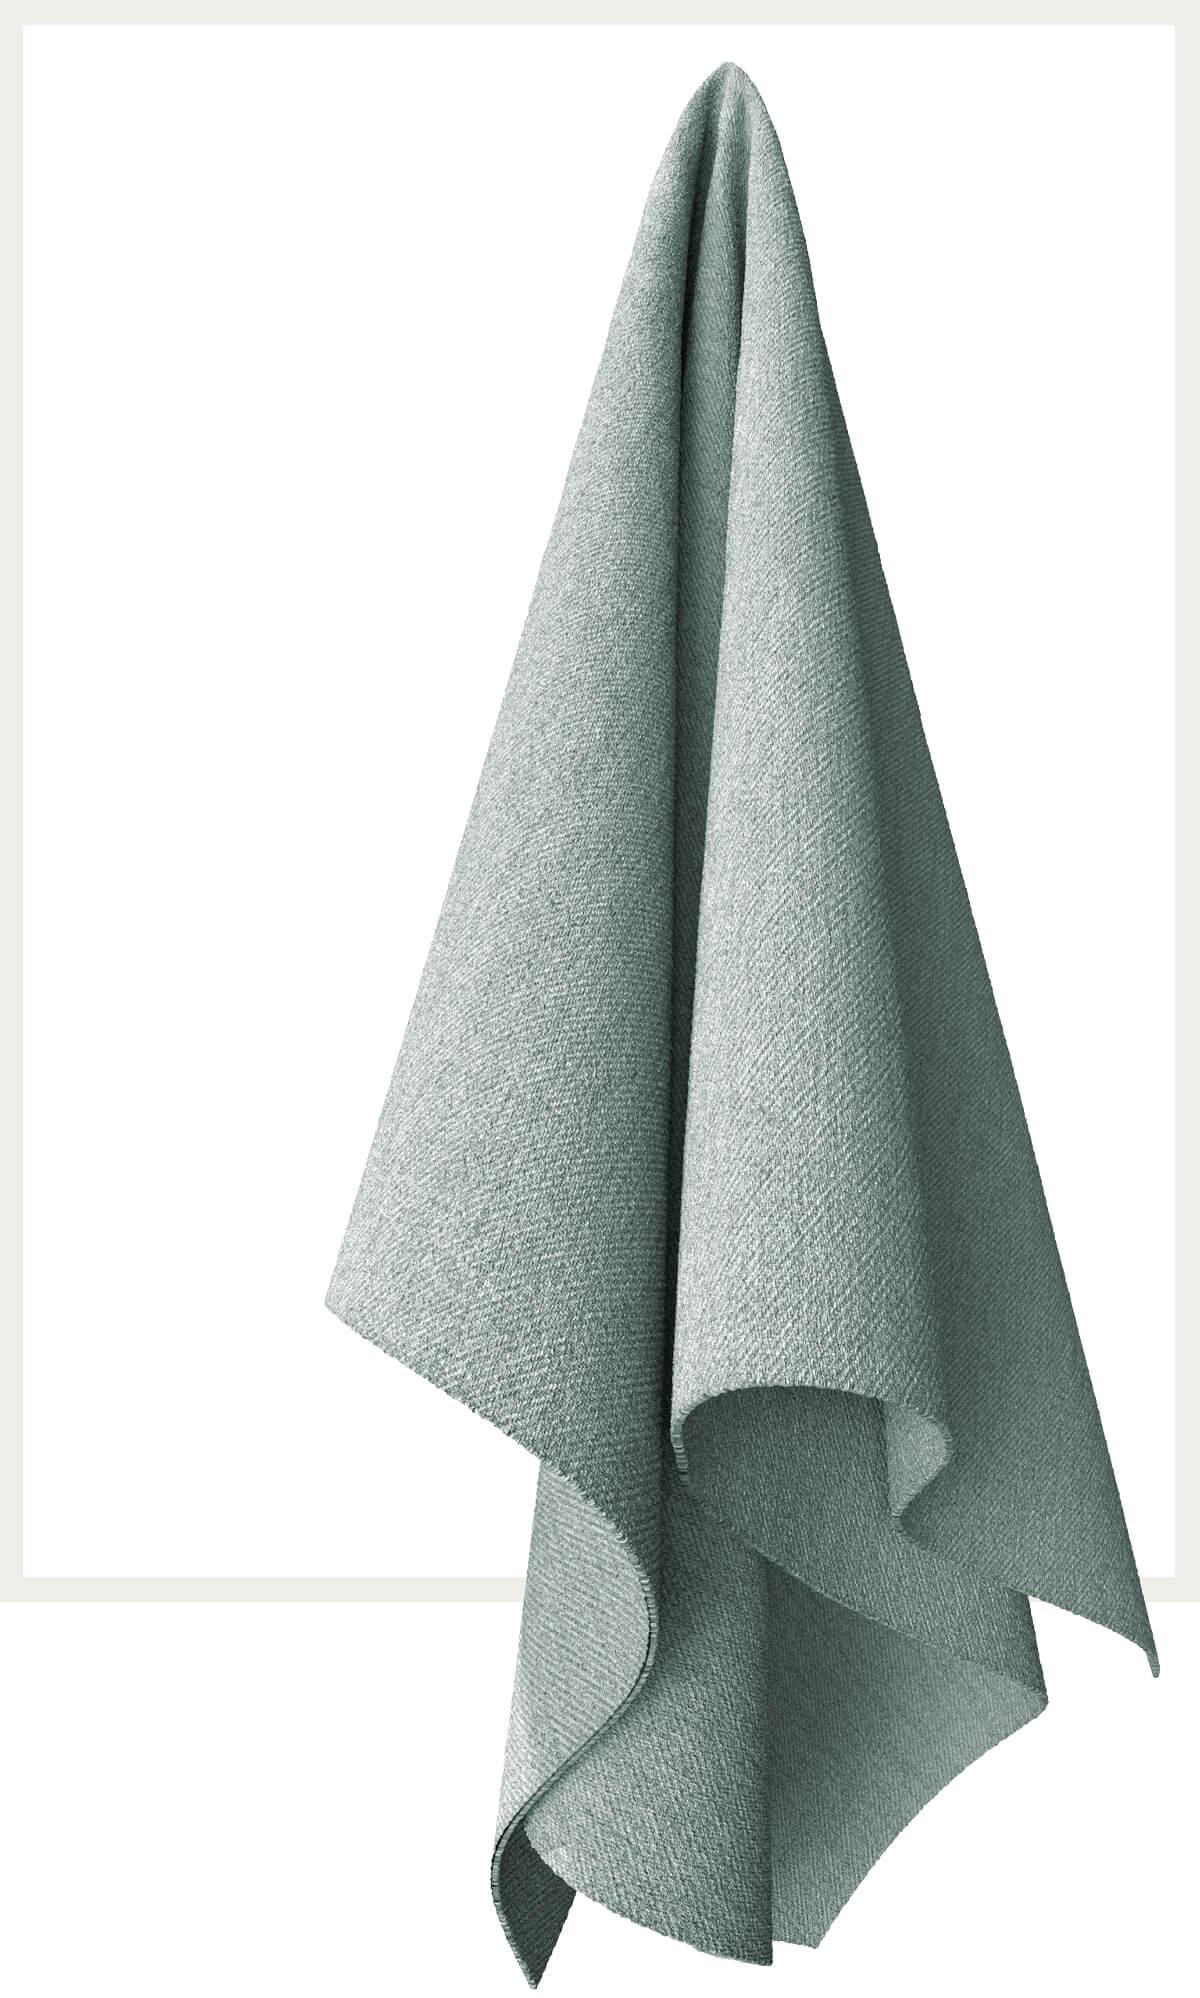 Strukturstoff Stripes Mint